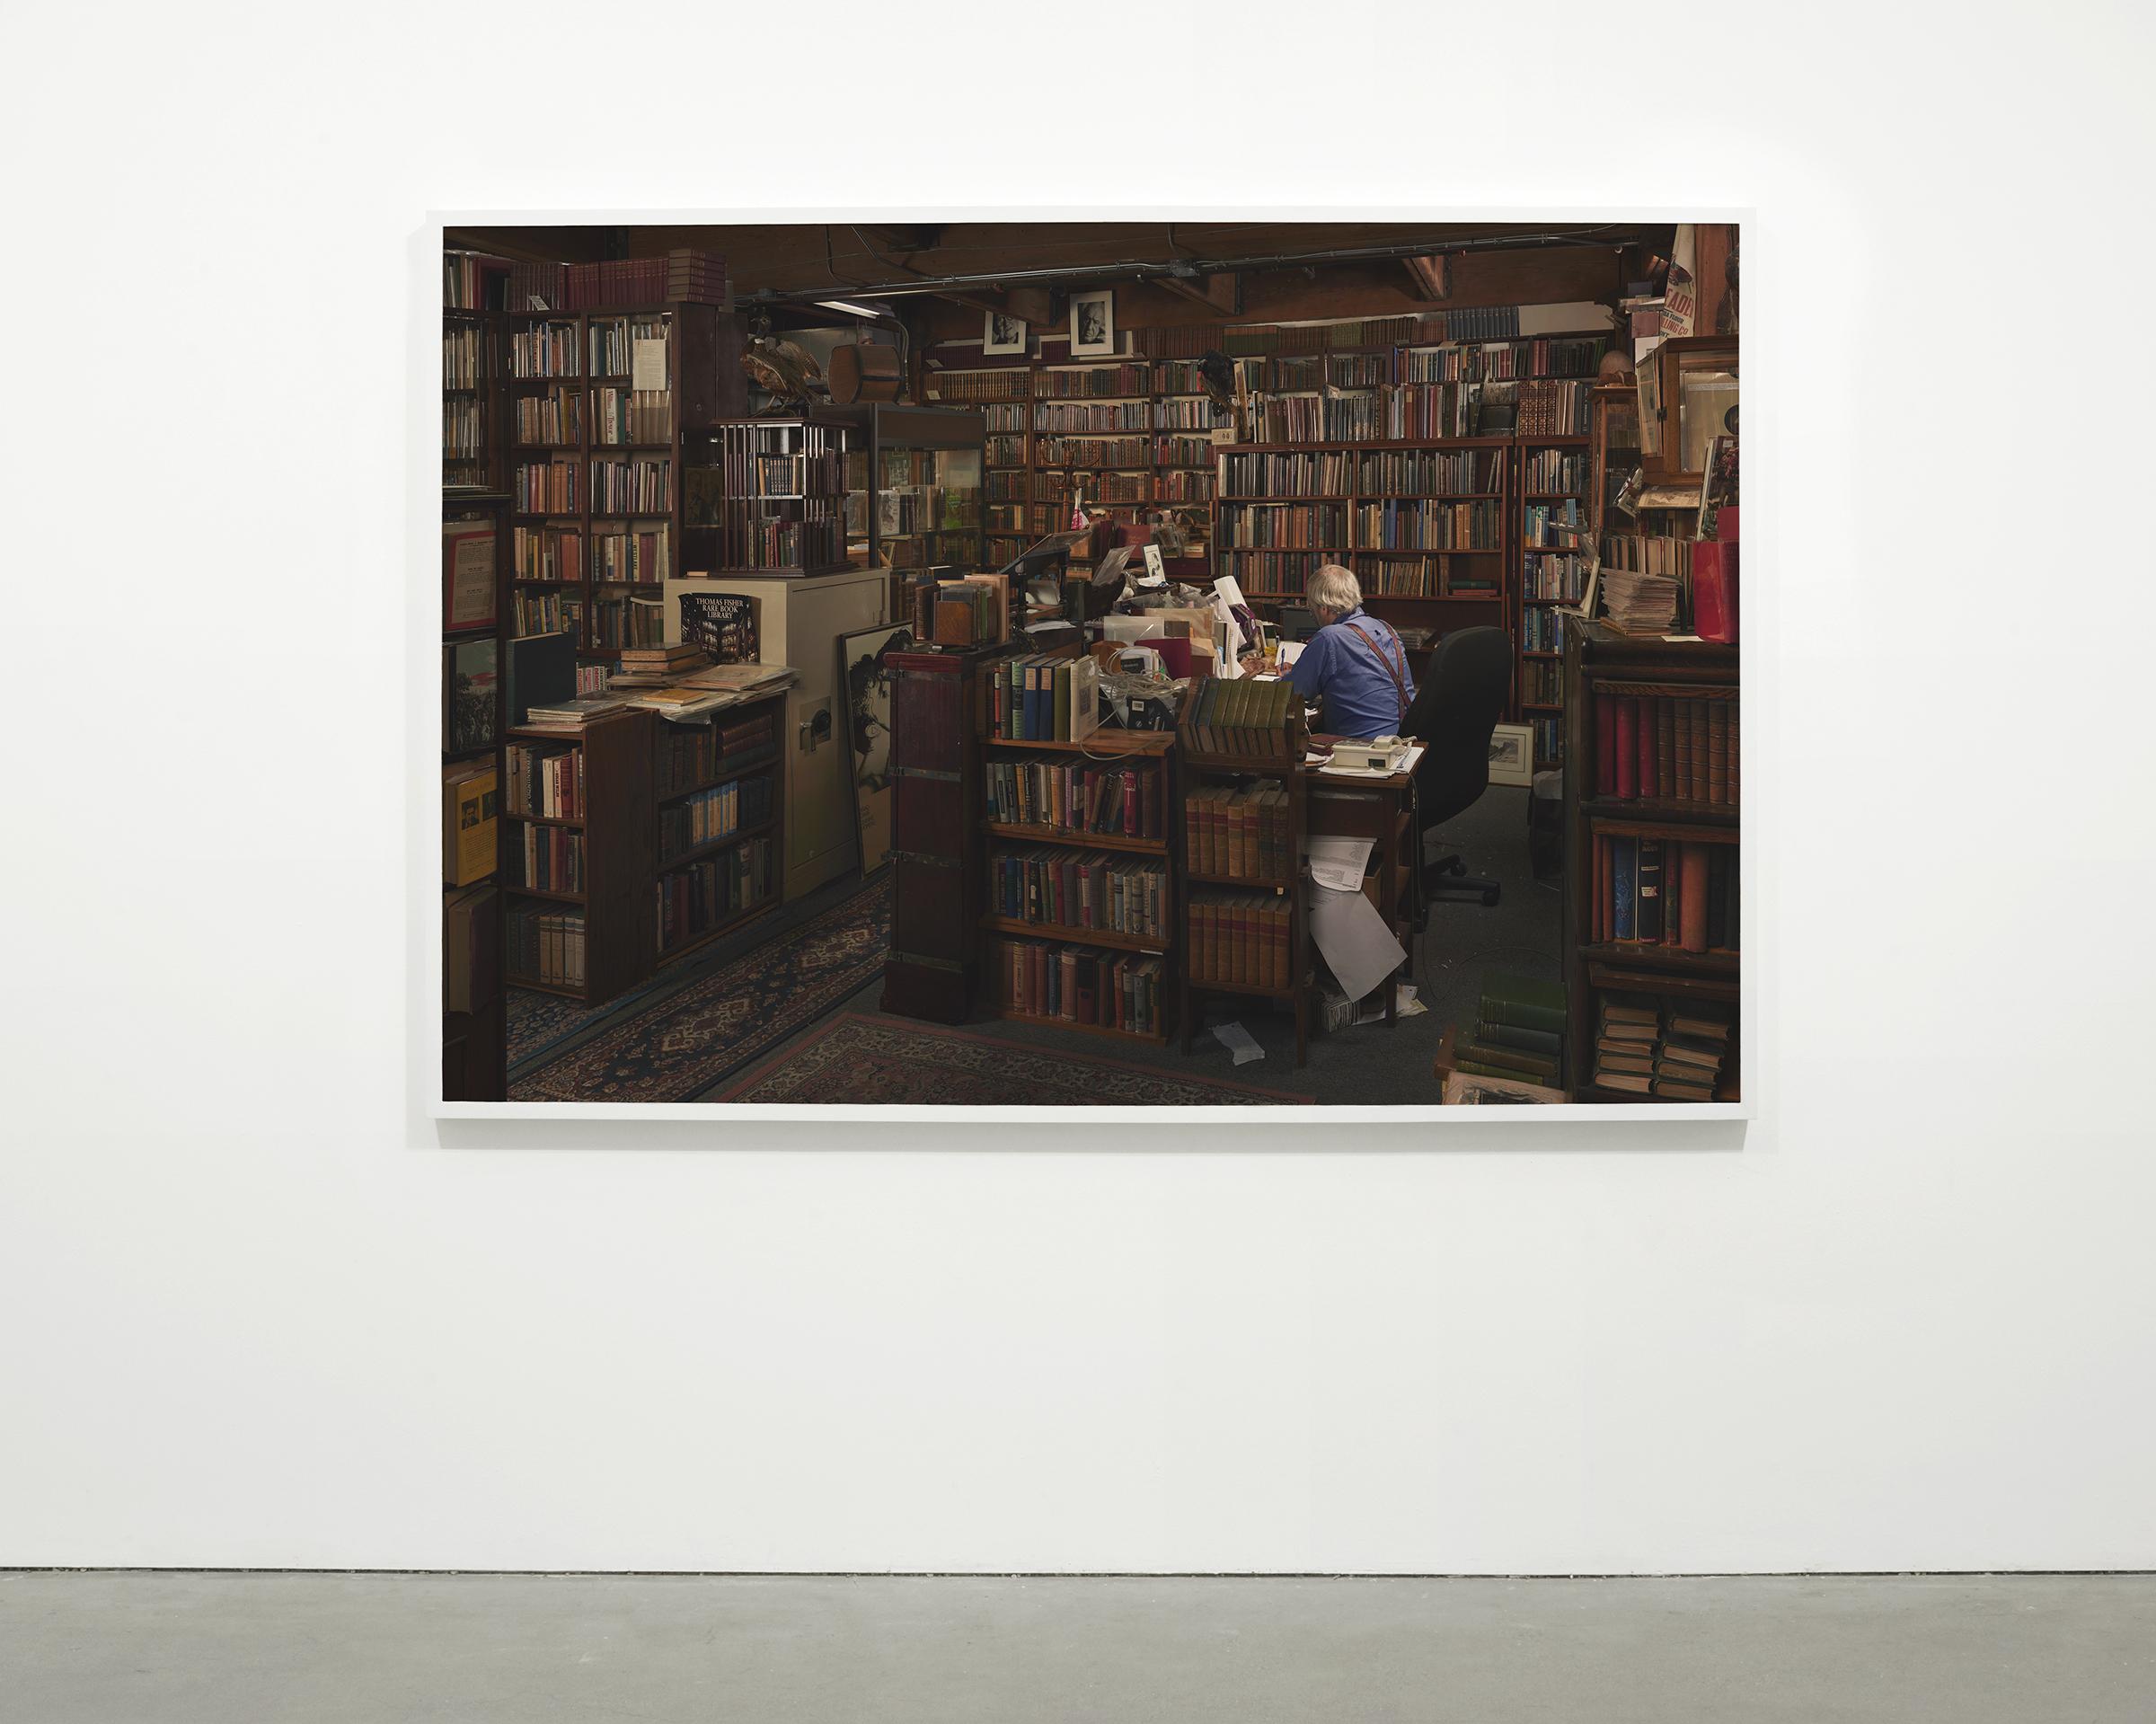 """""""Antiquarian Bookstore"""", 2015 - 2016  54 x 78.5 in. (137.15 x 199.39 cm)"""